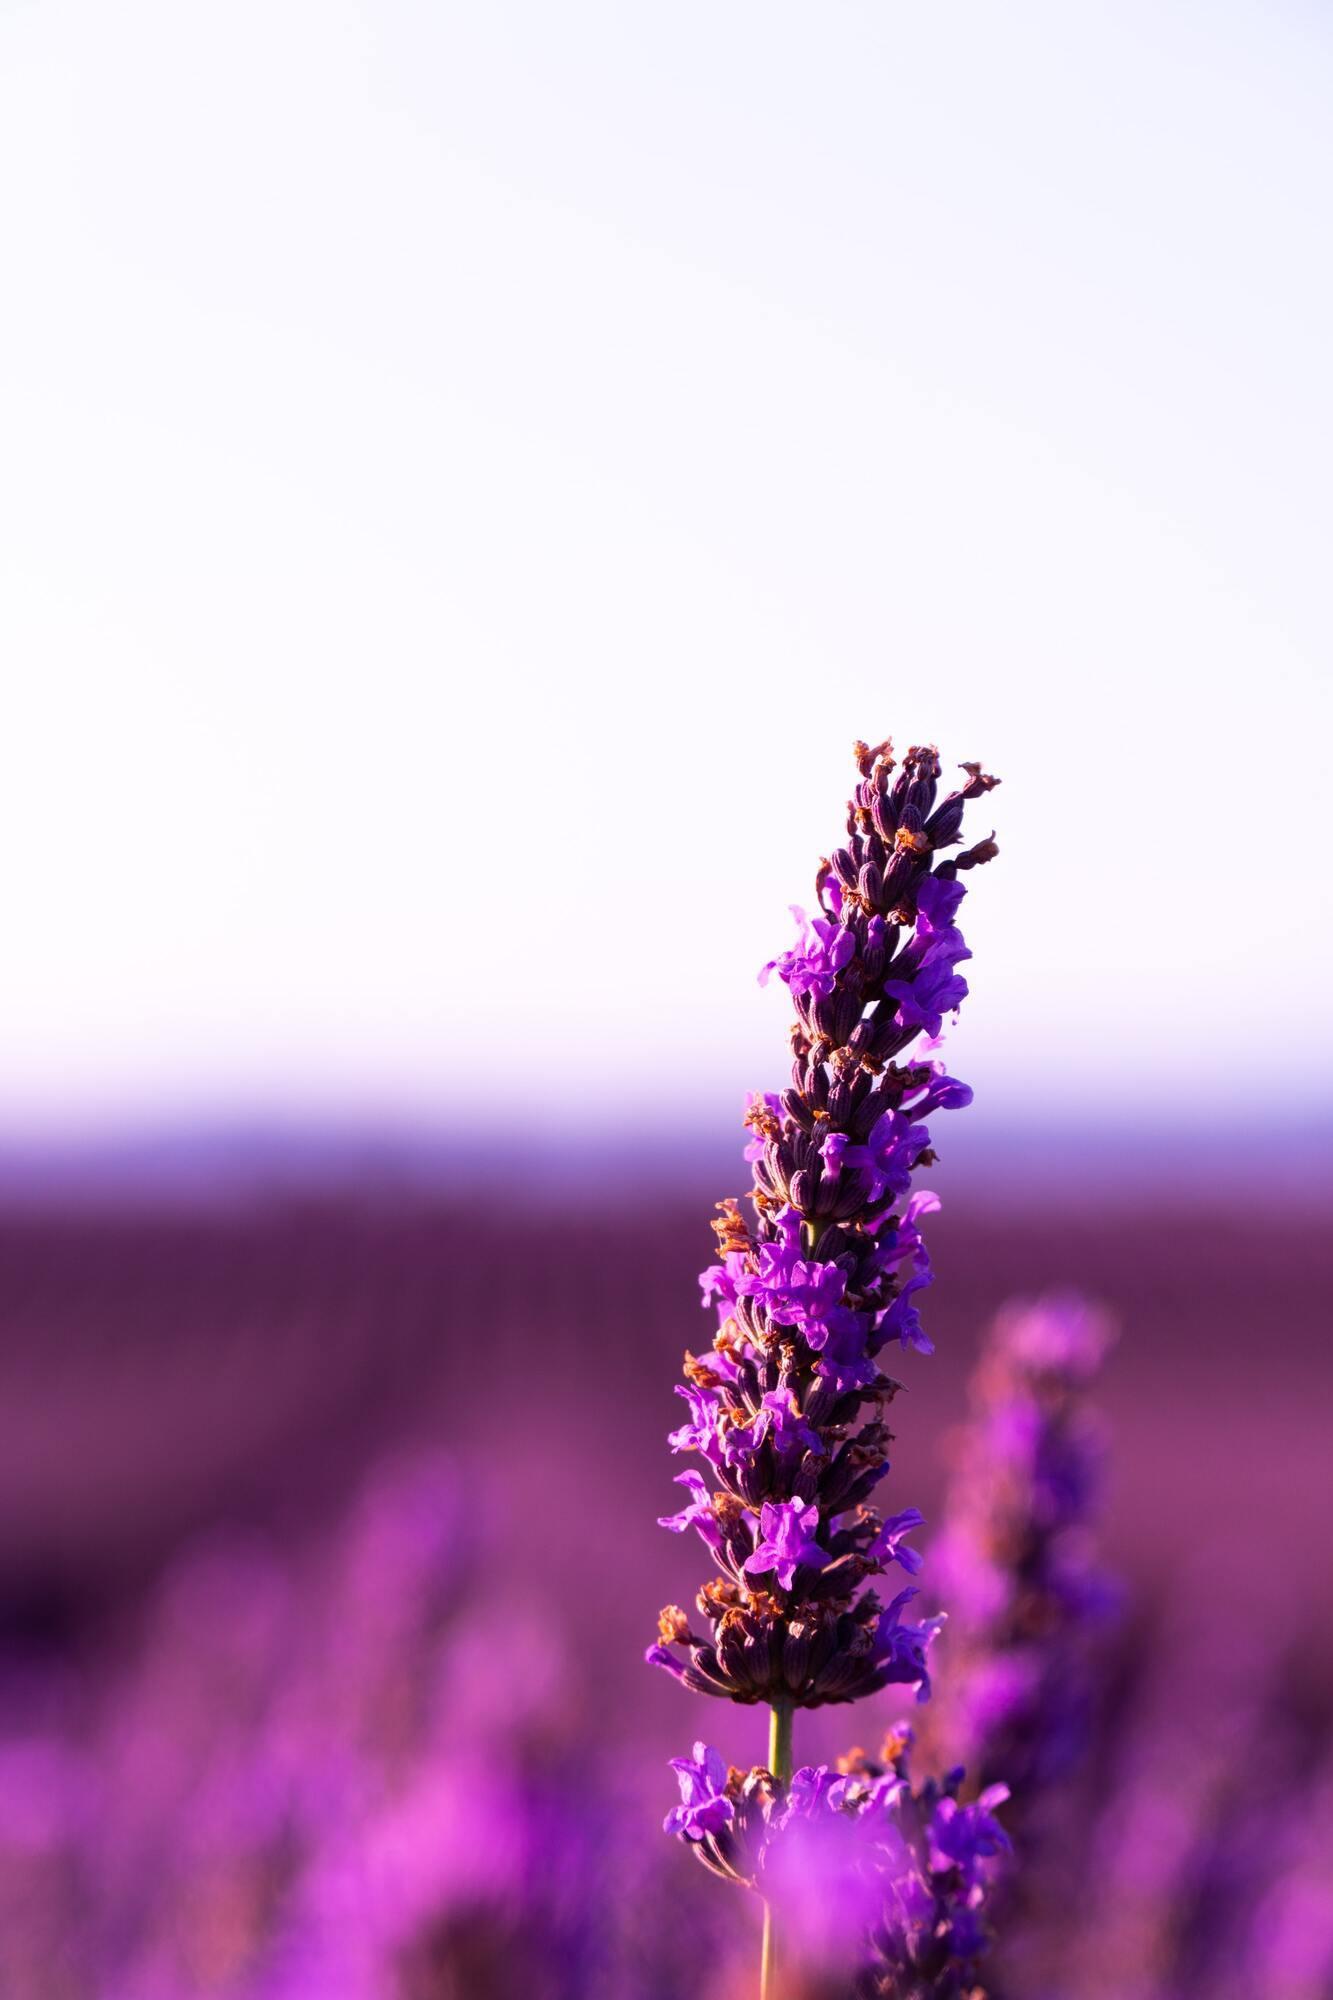 Лавандовый цвет признан международным цветом эпилепсии